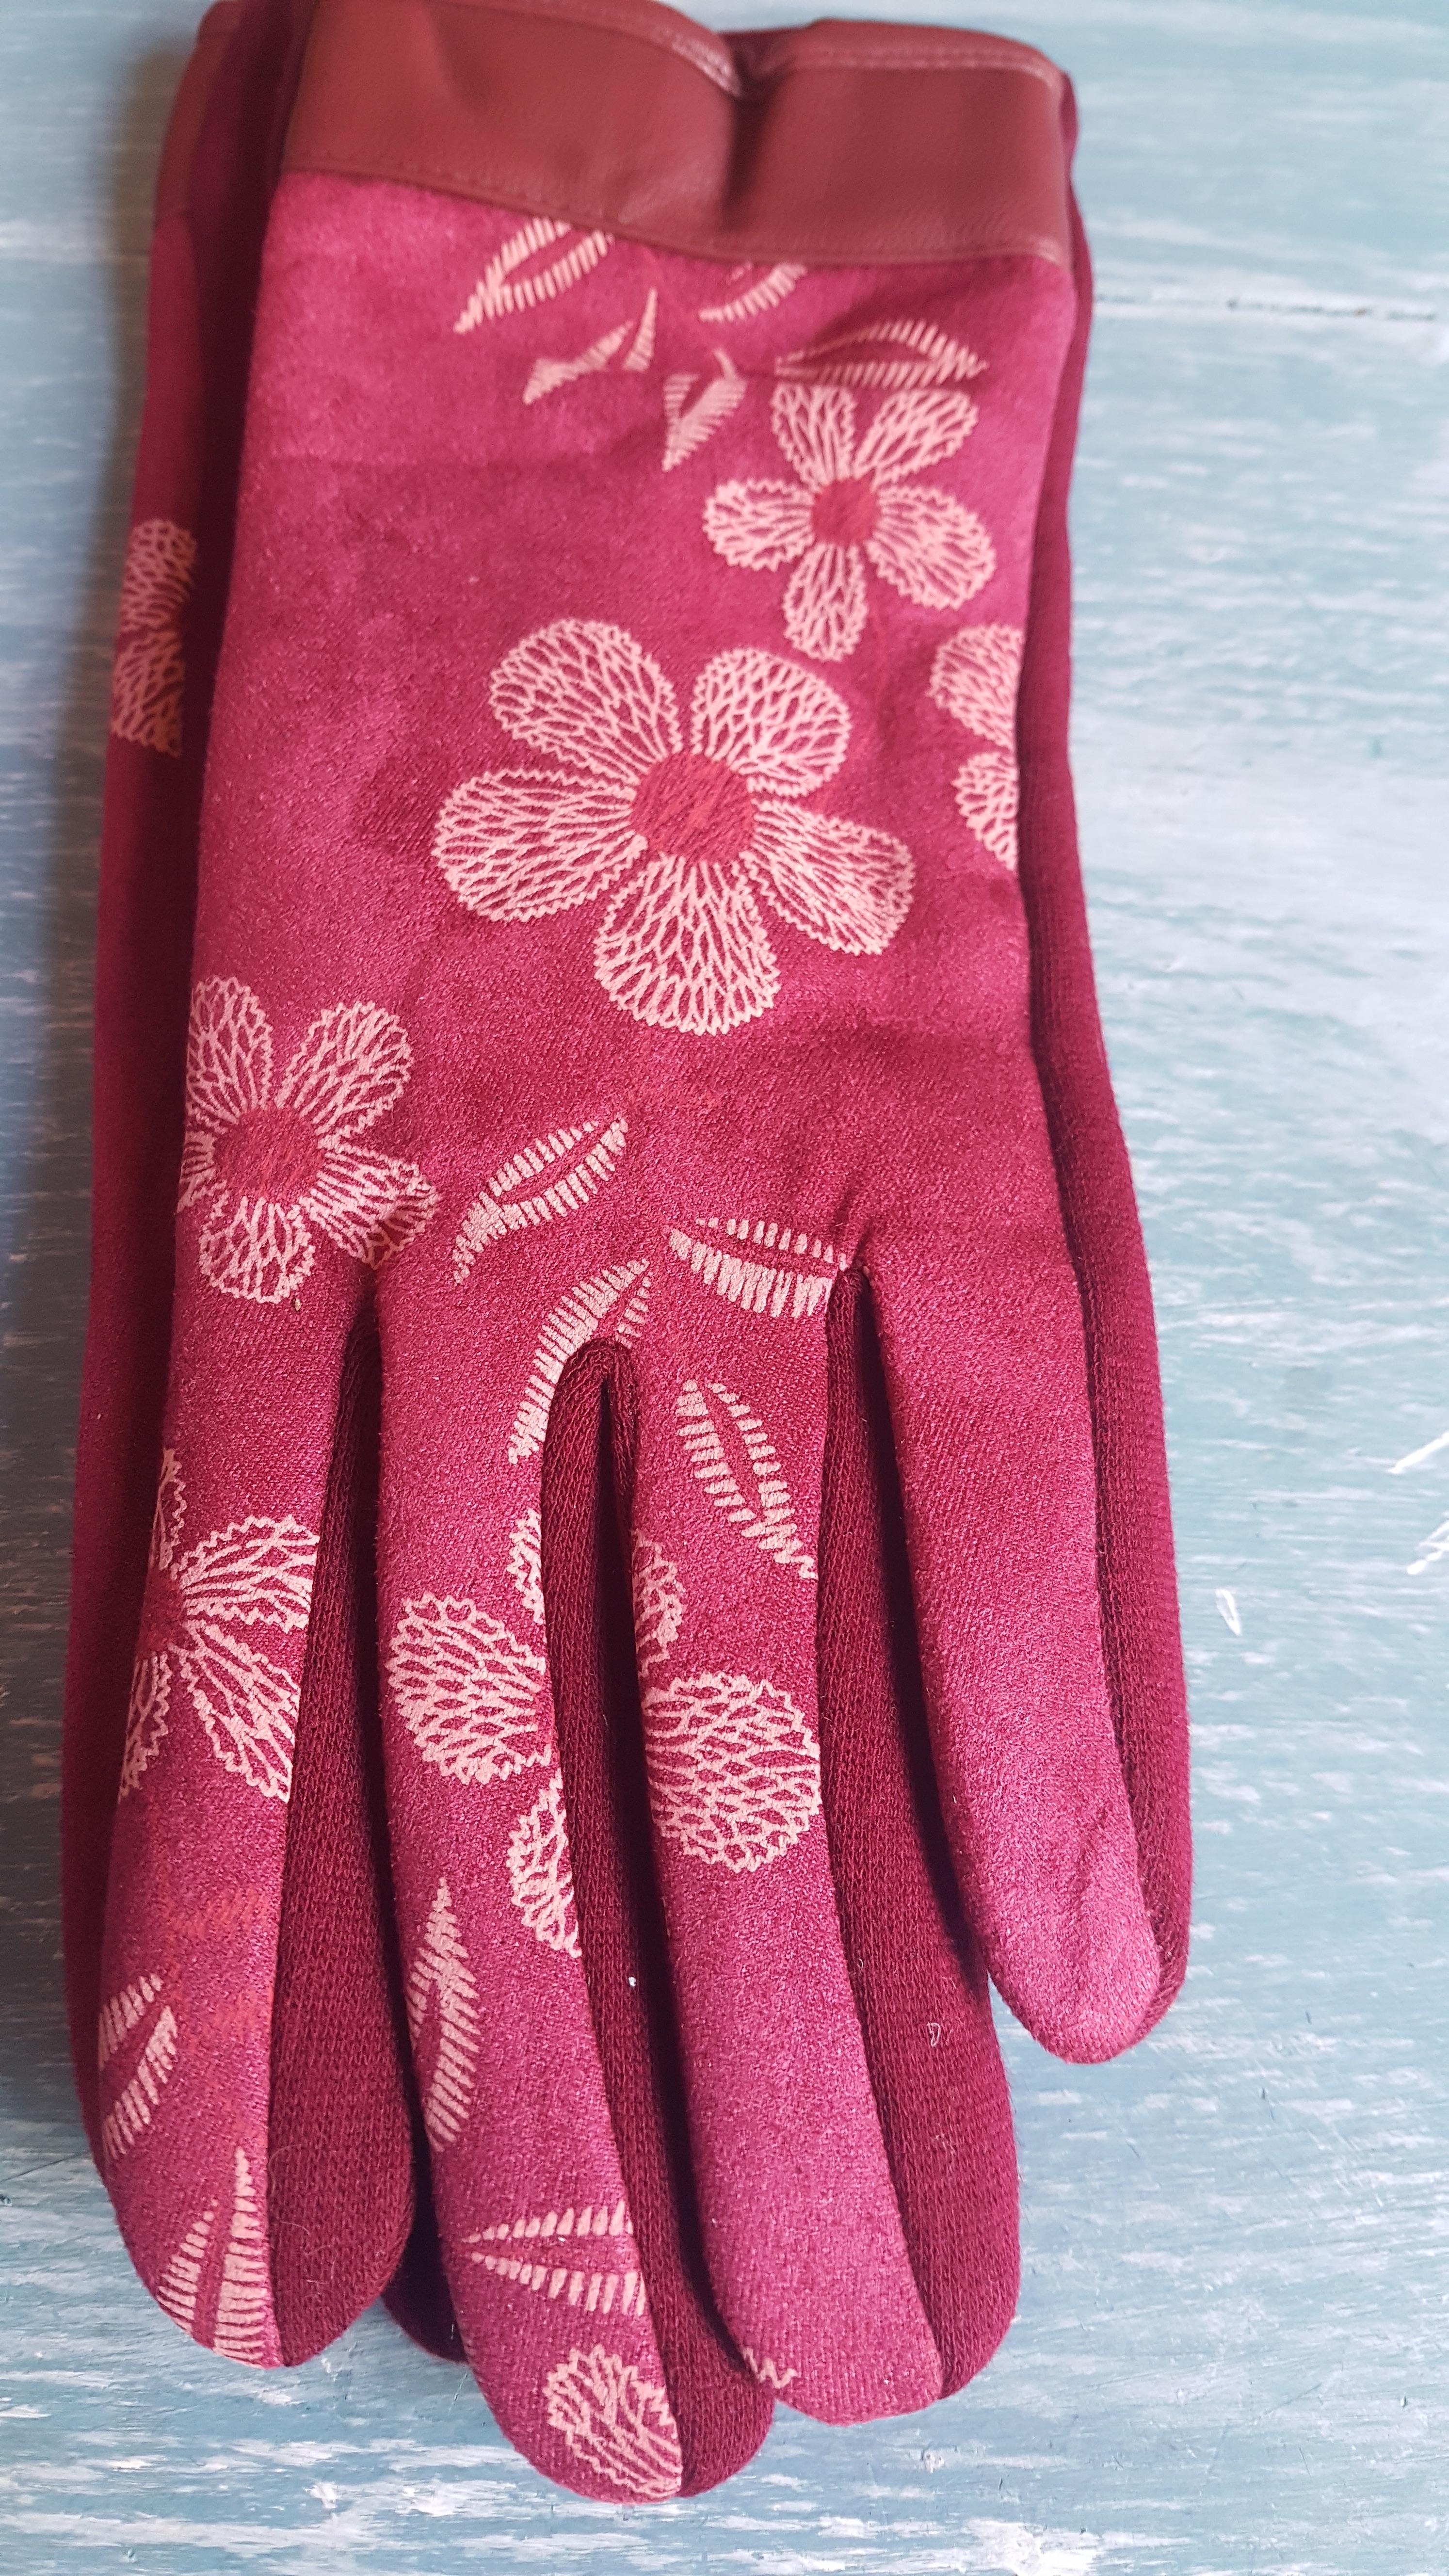 Ladies Gloves - Pink Floral